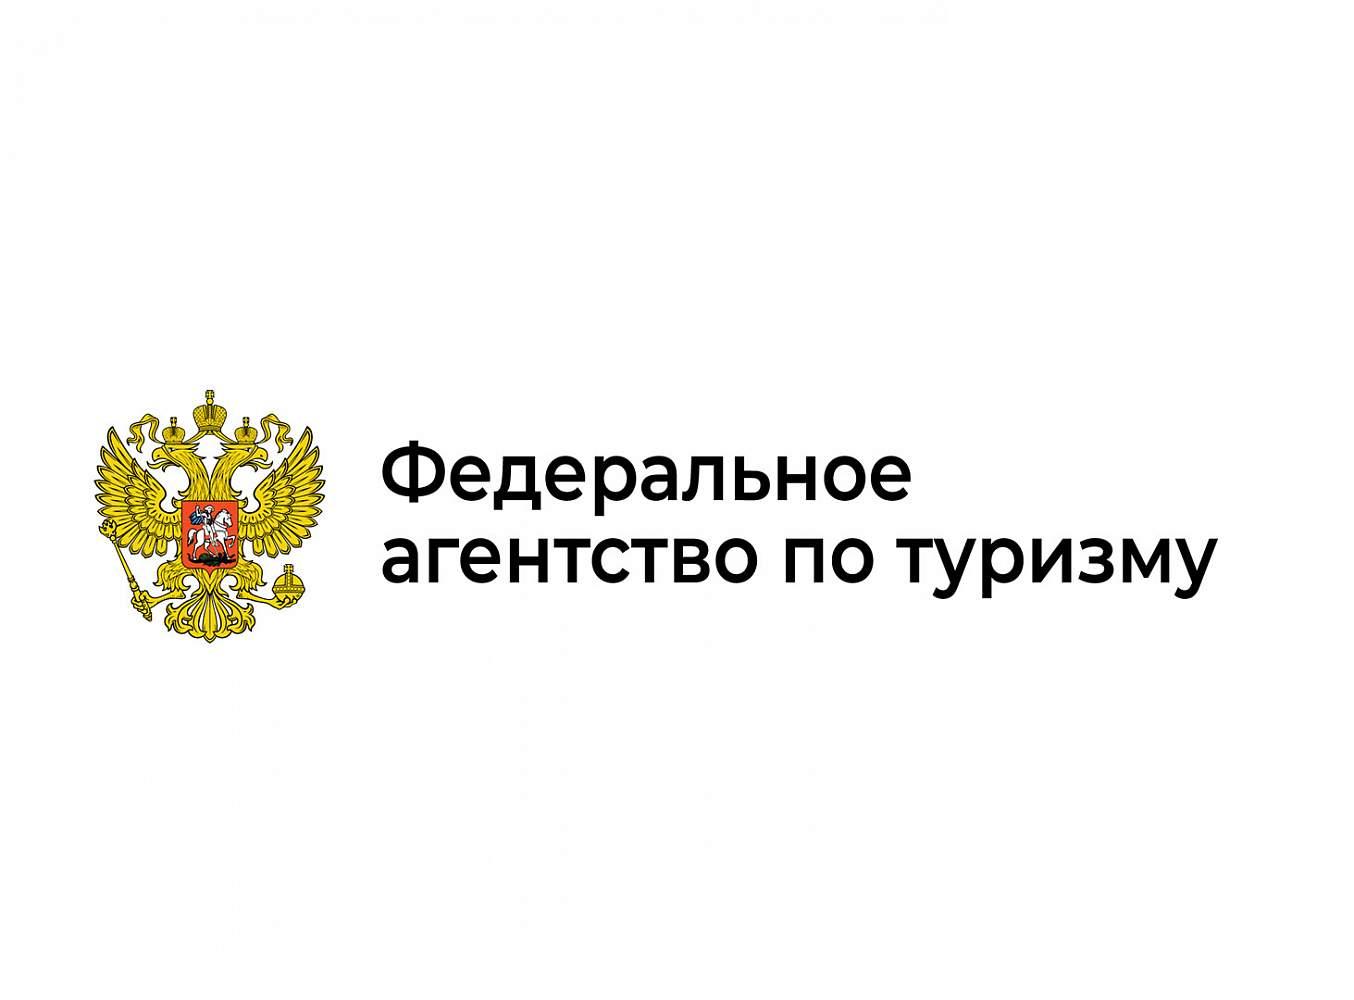 Ограничения отдыха на Кипре апрель-май 2021 года туристам россиянам: последние важные новости на сегодня